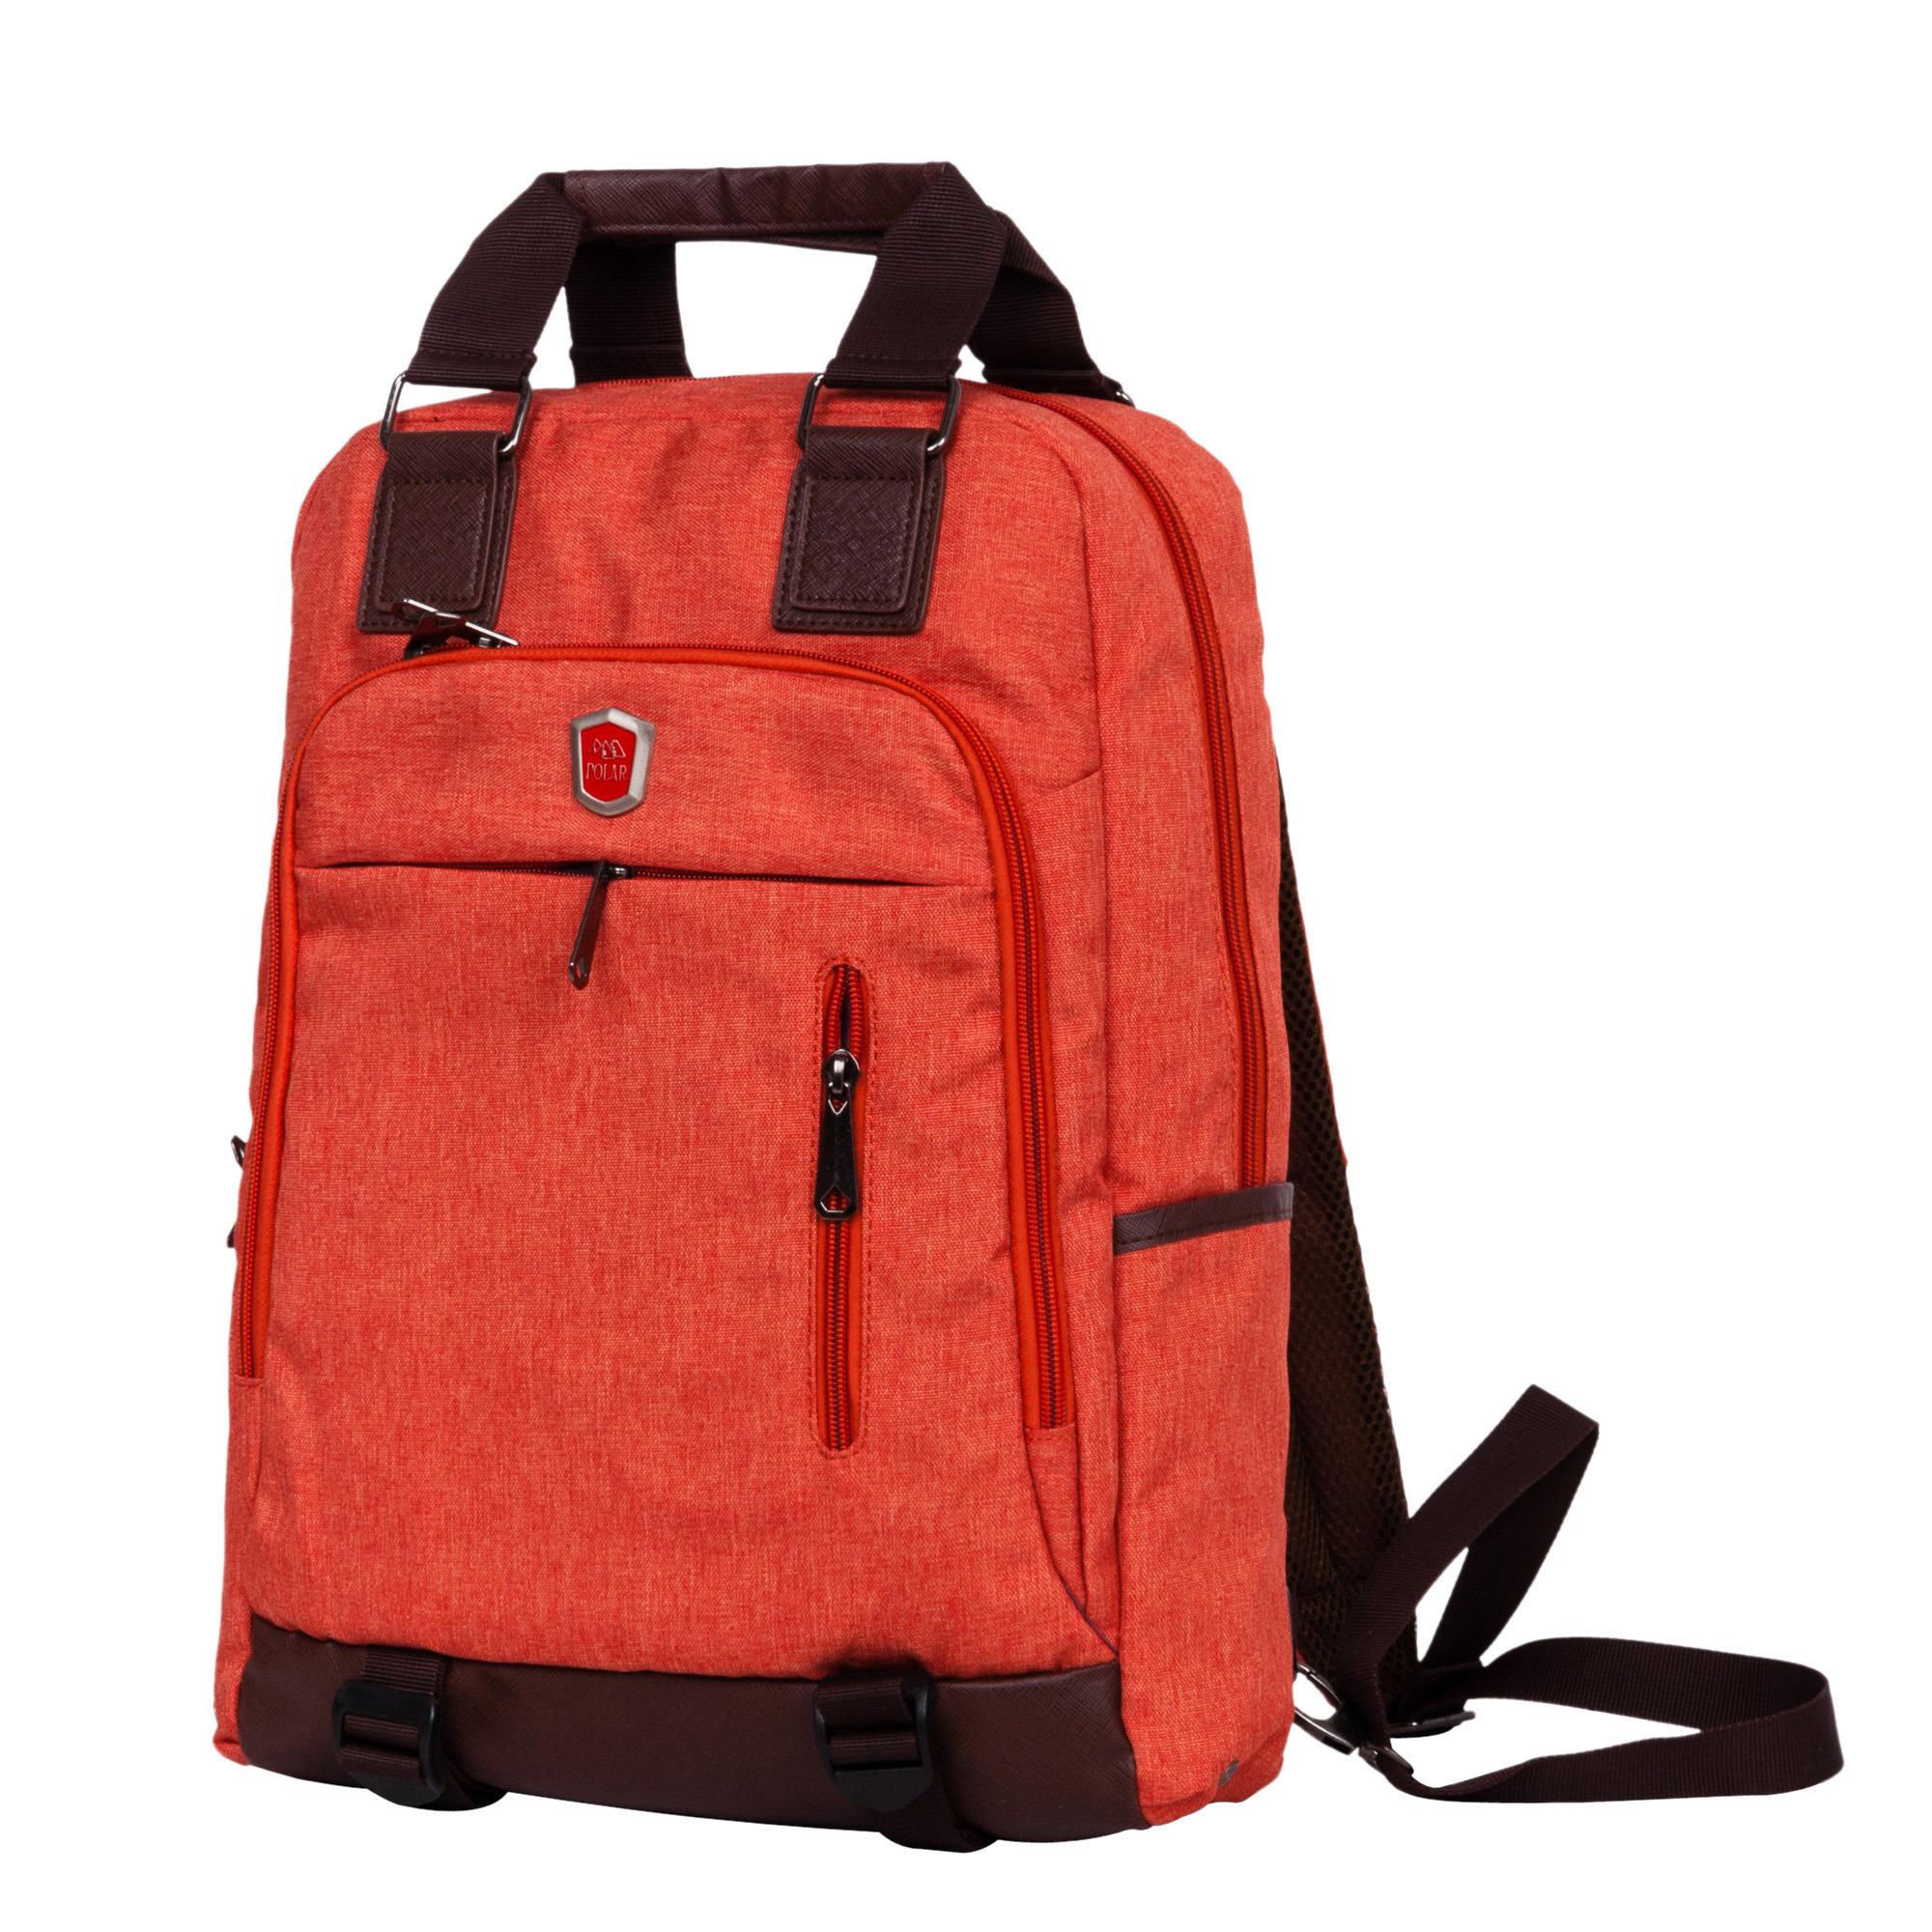 Городской рюкзак Polar 541-7 12 оранжевый